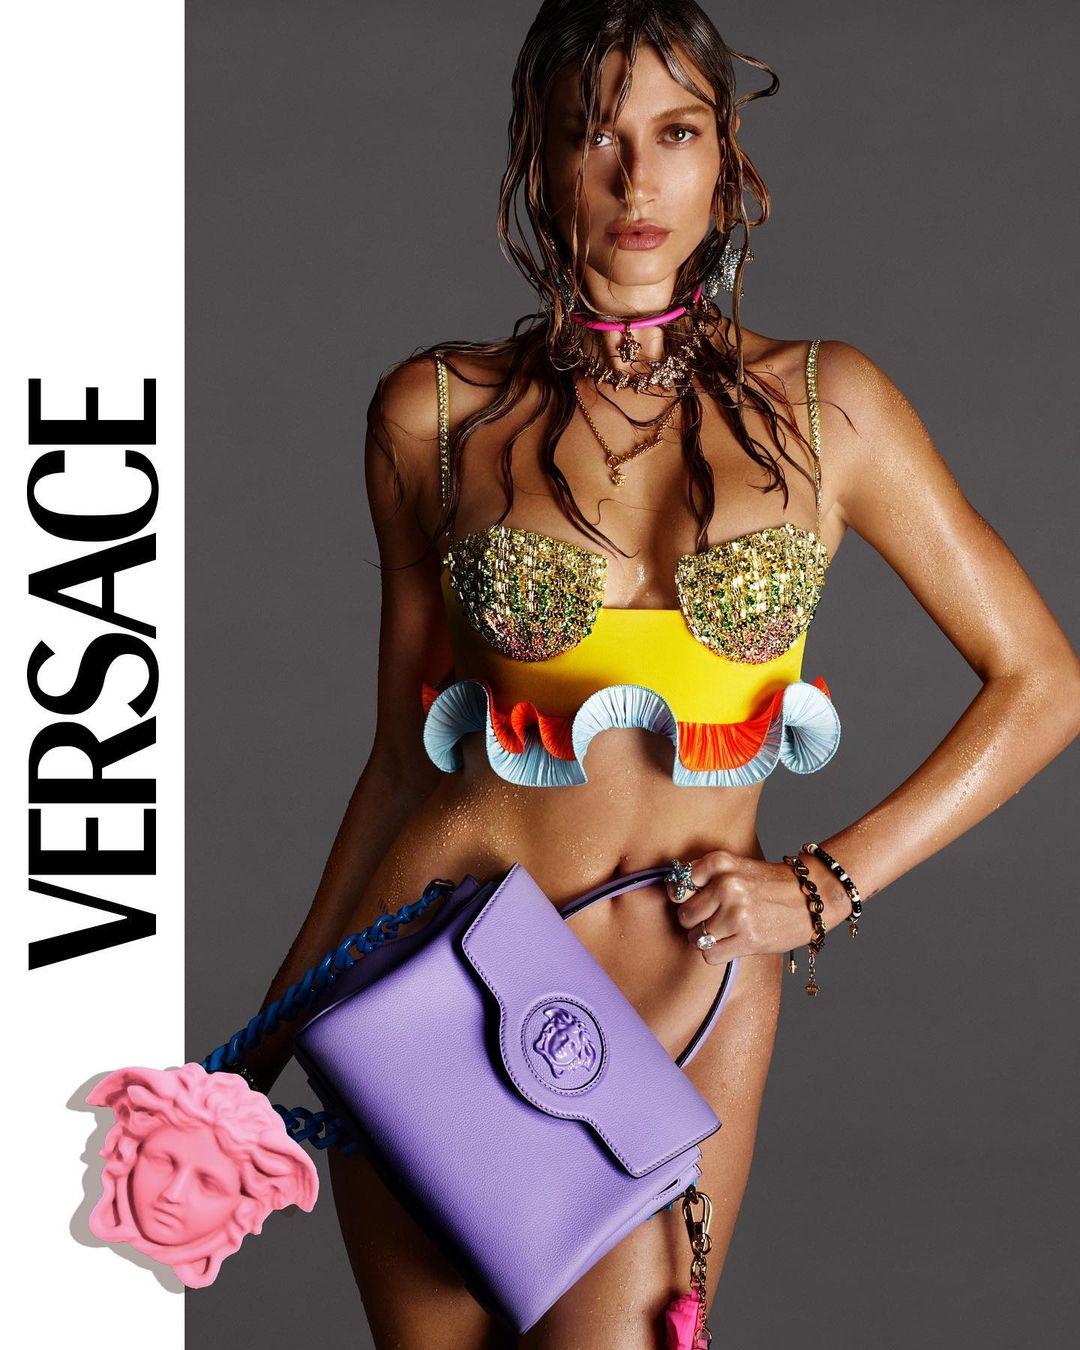 Хейли Бибер без трусиков позировала для новой рекламной кампании Versace